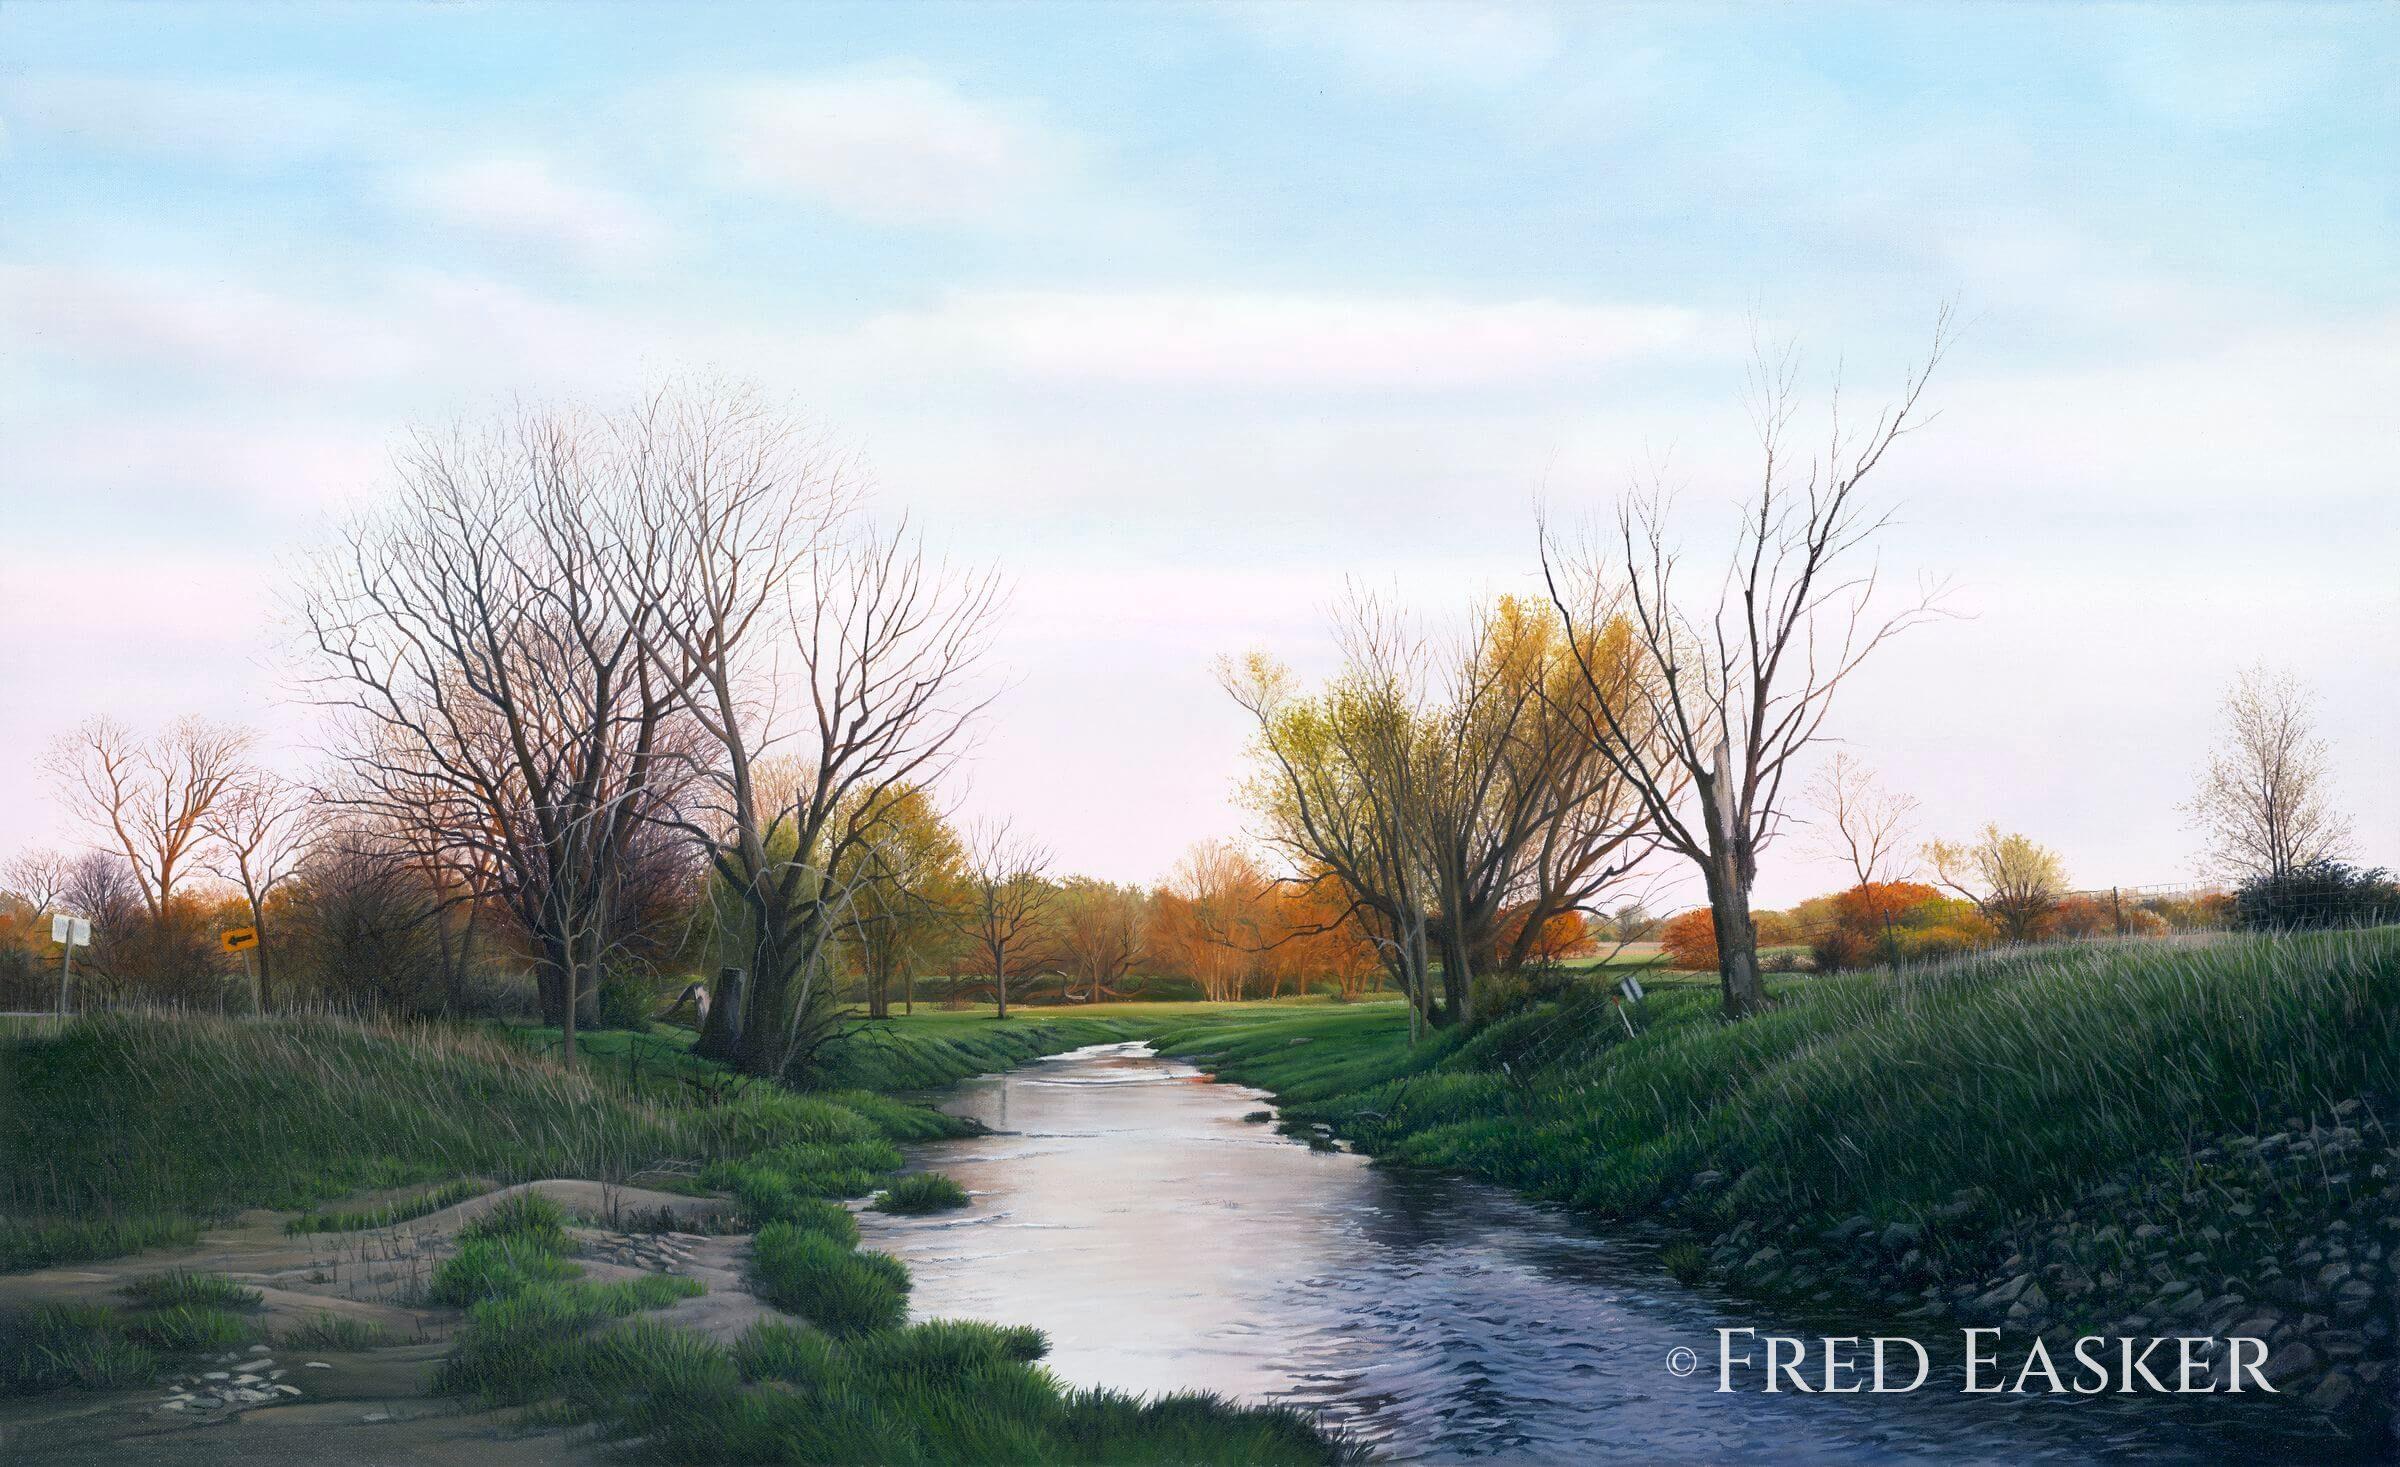 Blue Creek by Fred Easker